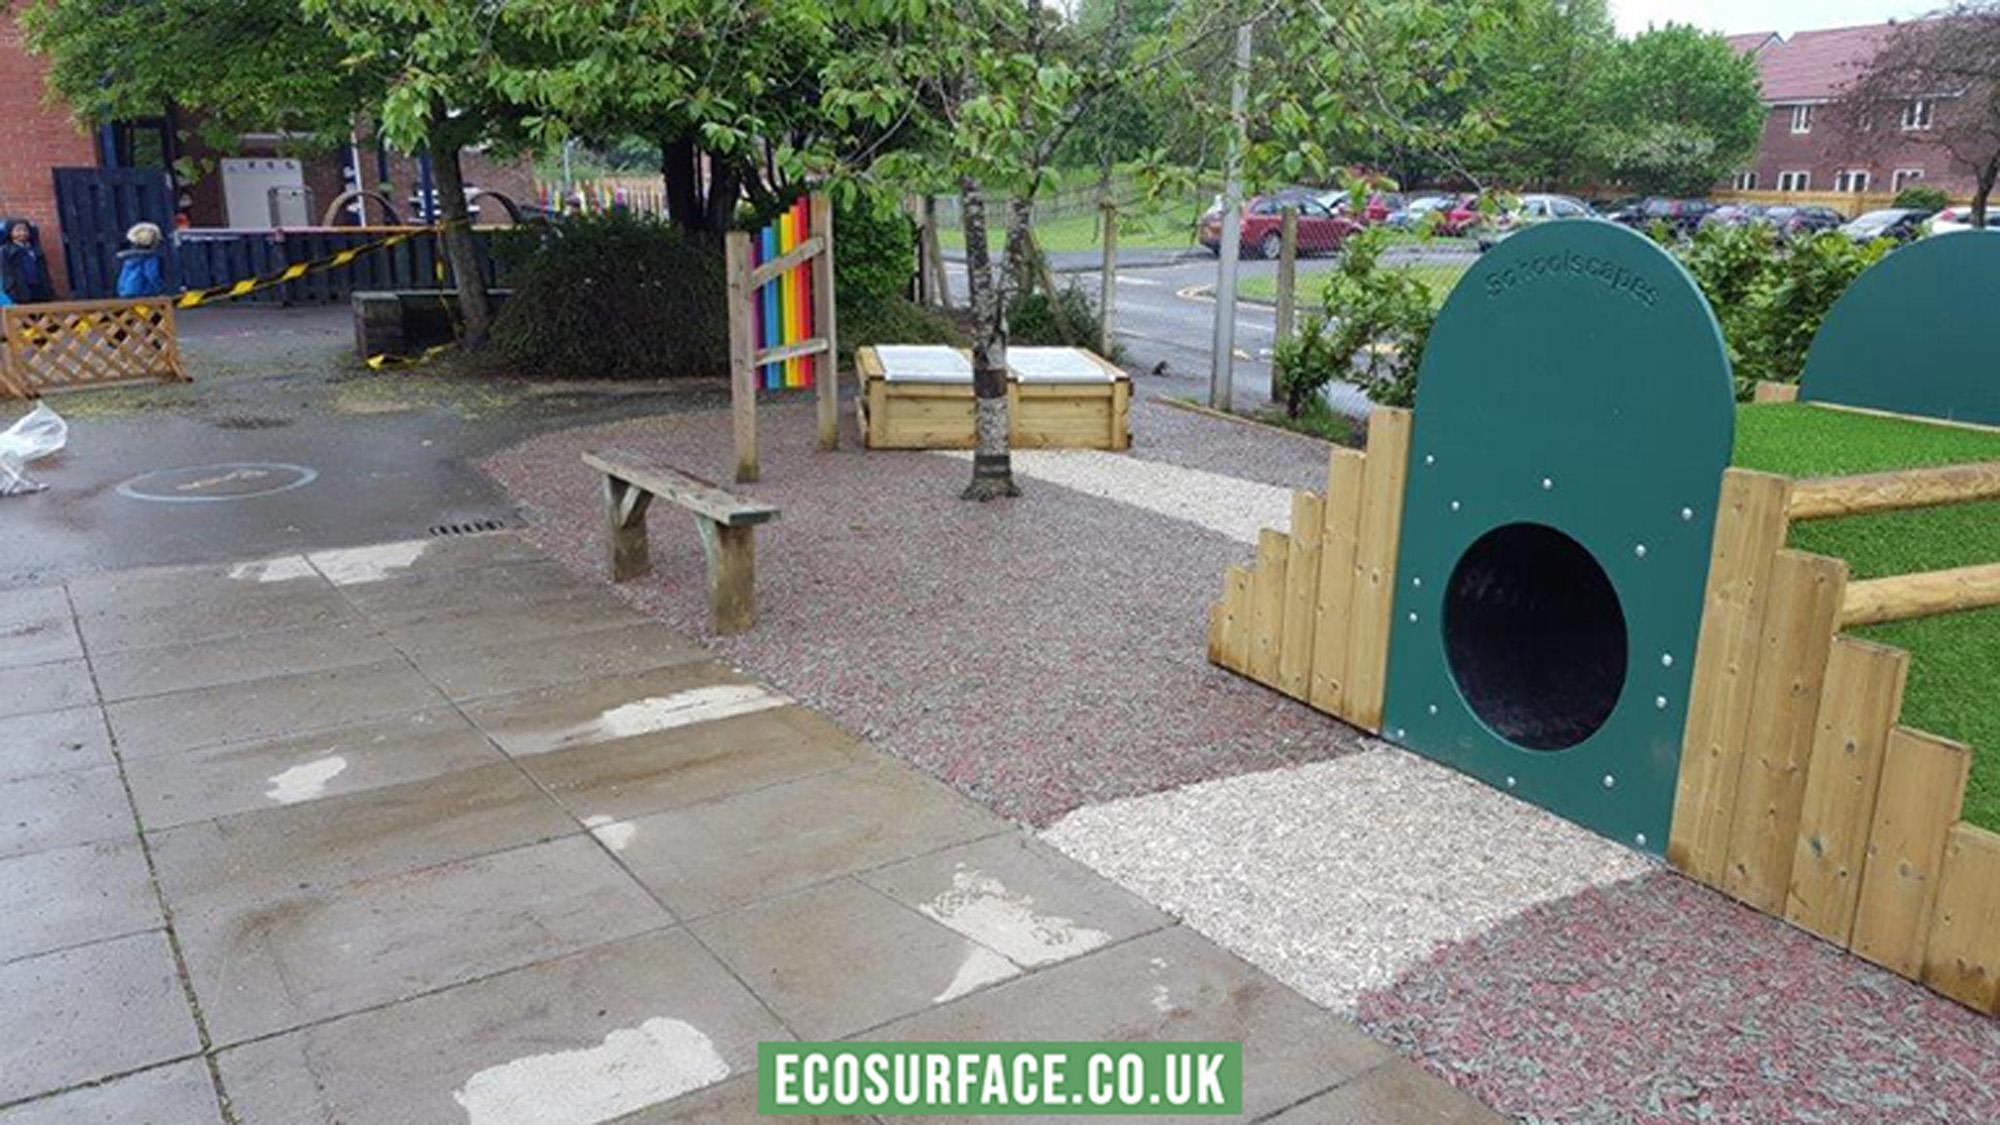 Ecosurface (107)